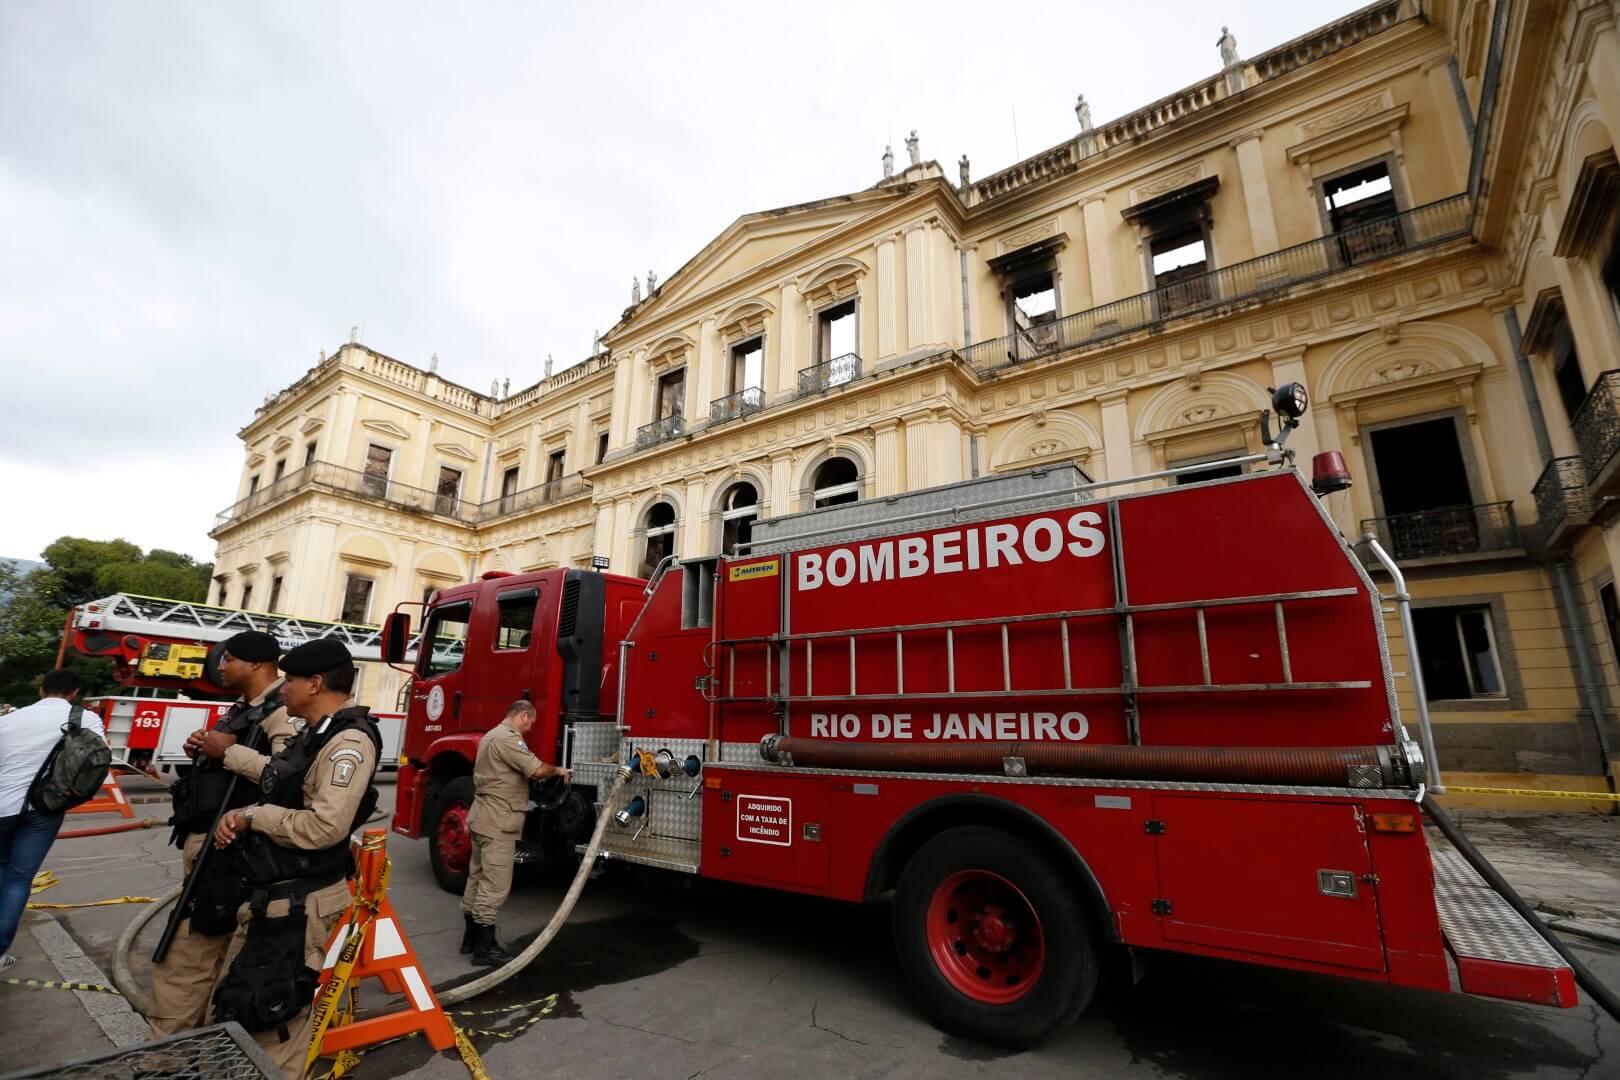 bombeiros-rio-de-janeiro-museurio01